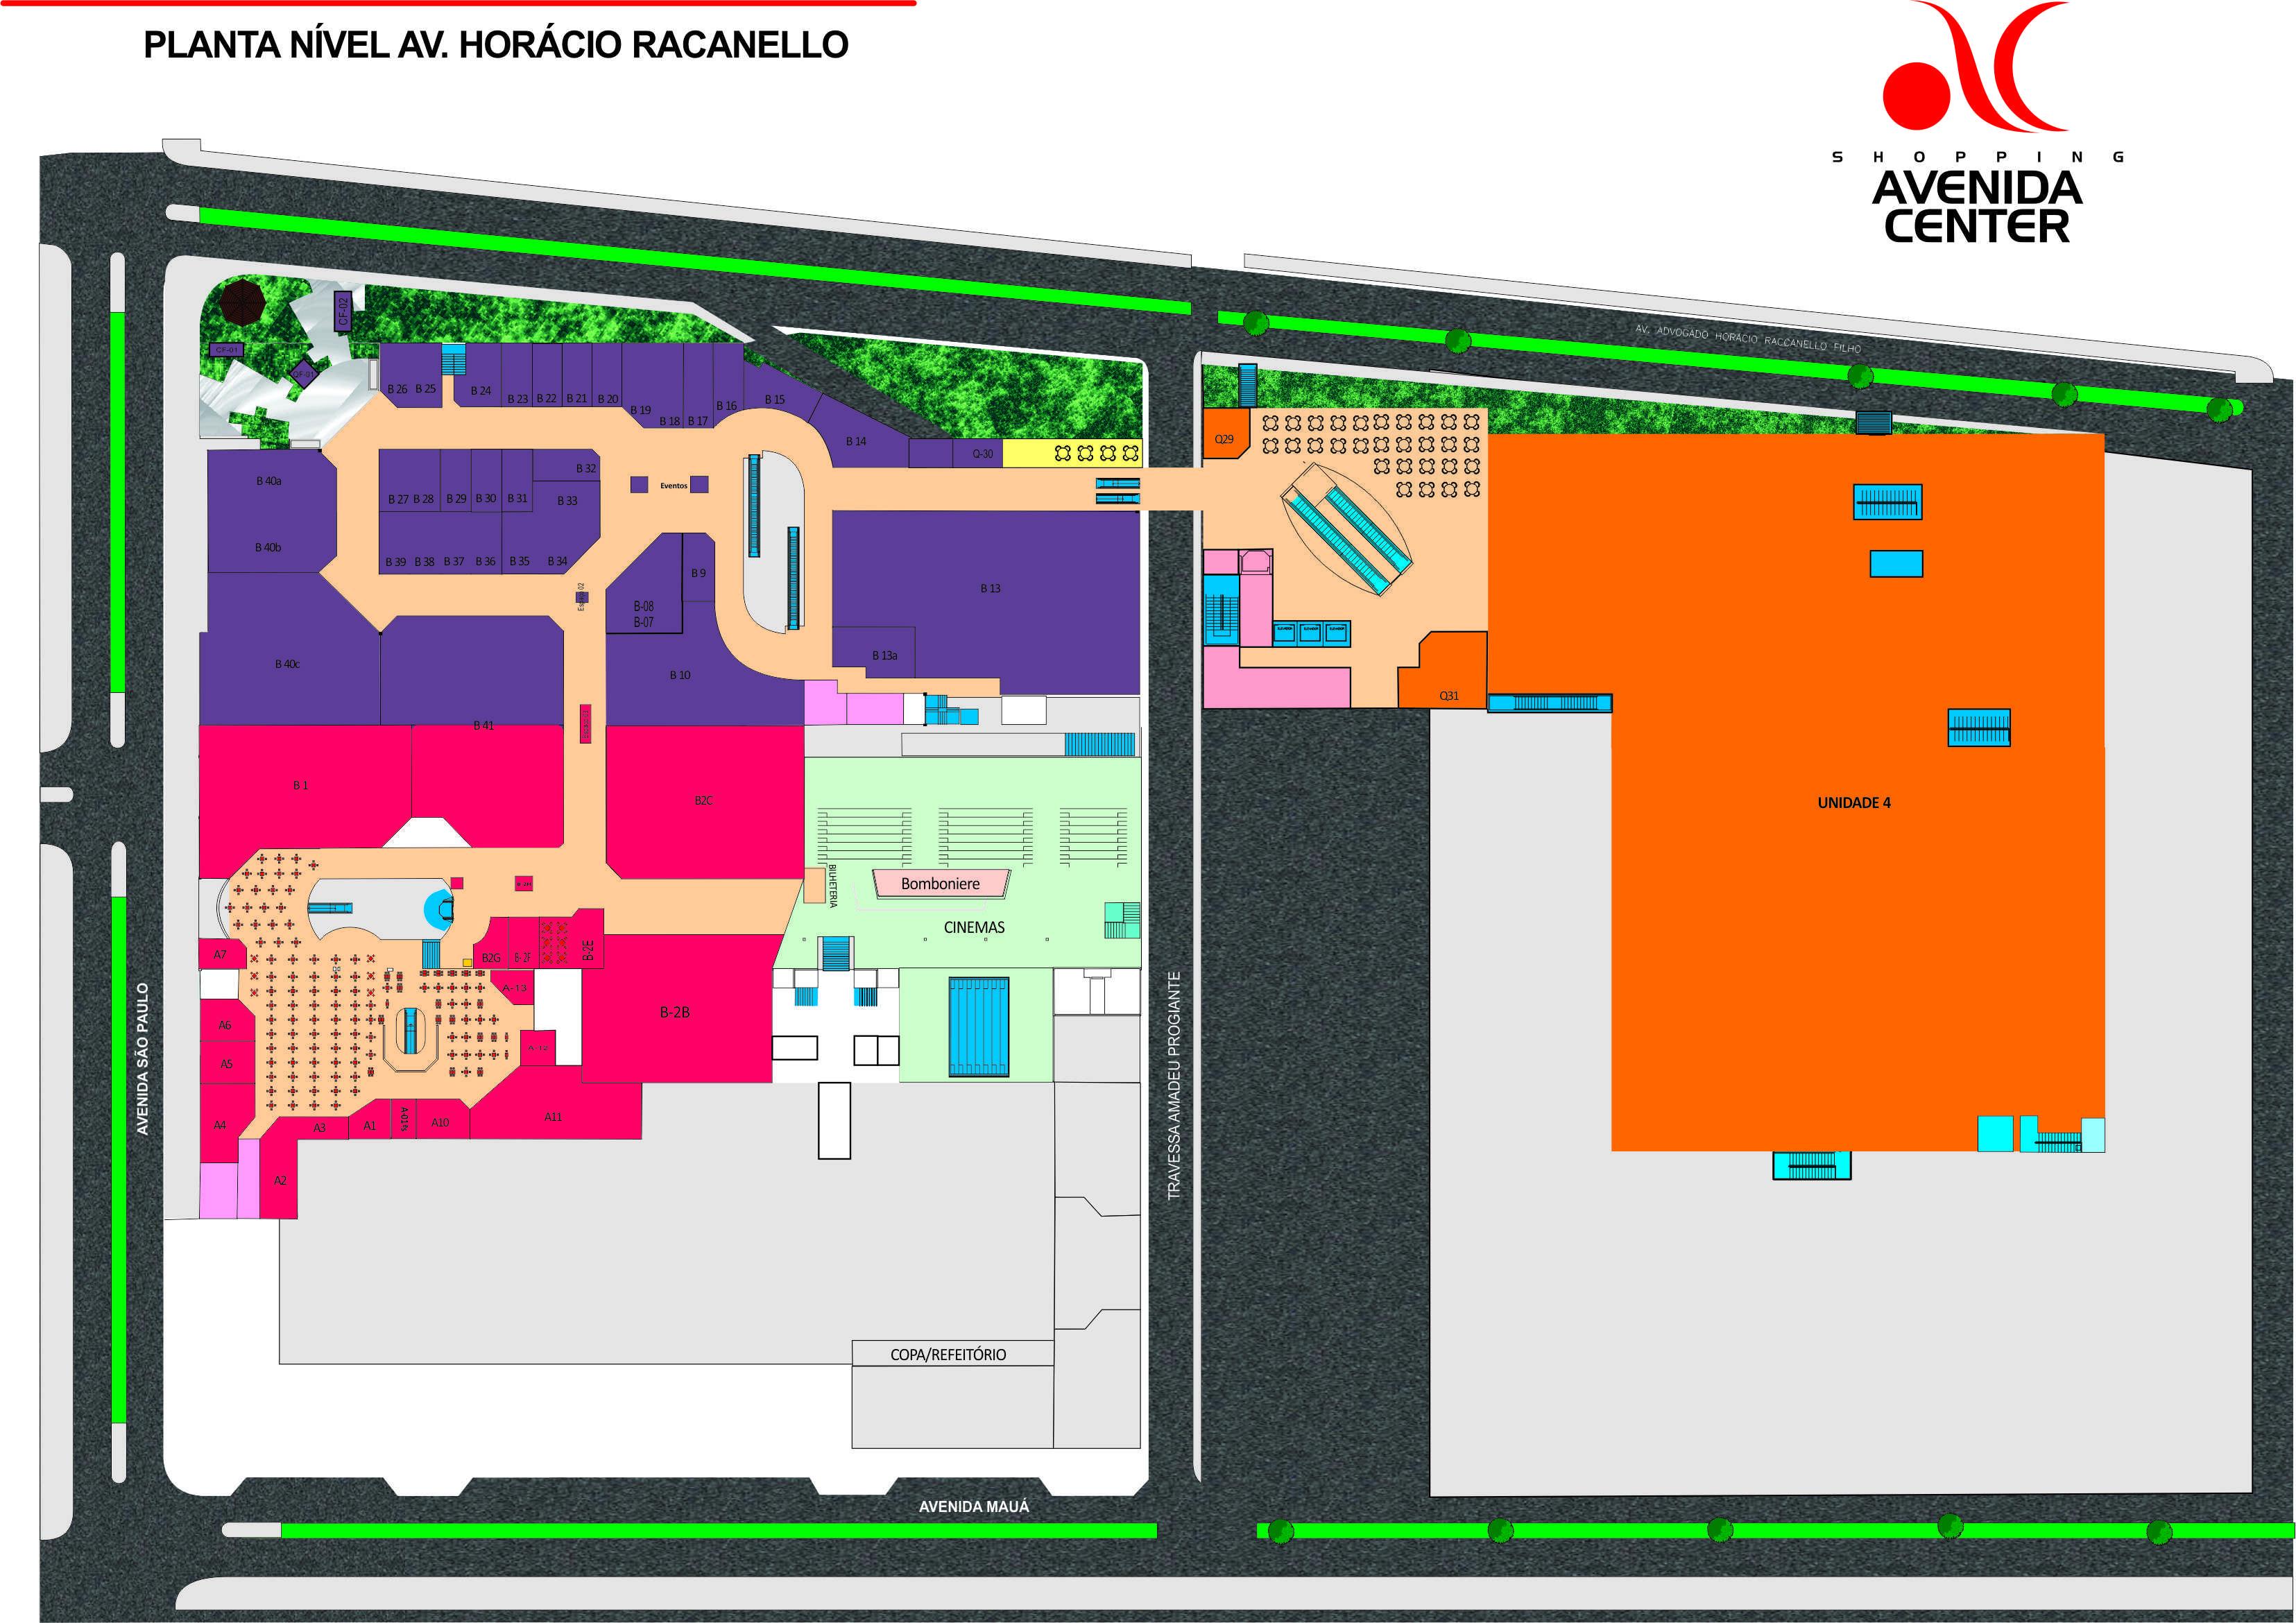 Mapa do shopping - localização, CHIQUINHO AVENIDA CENTER